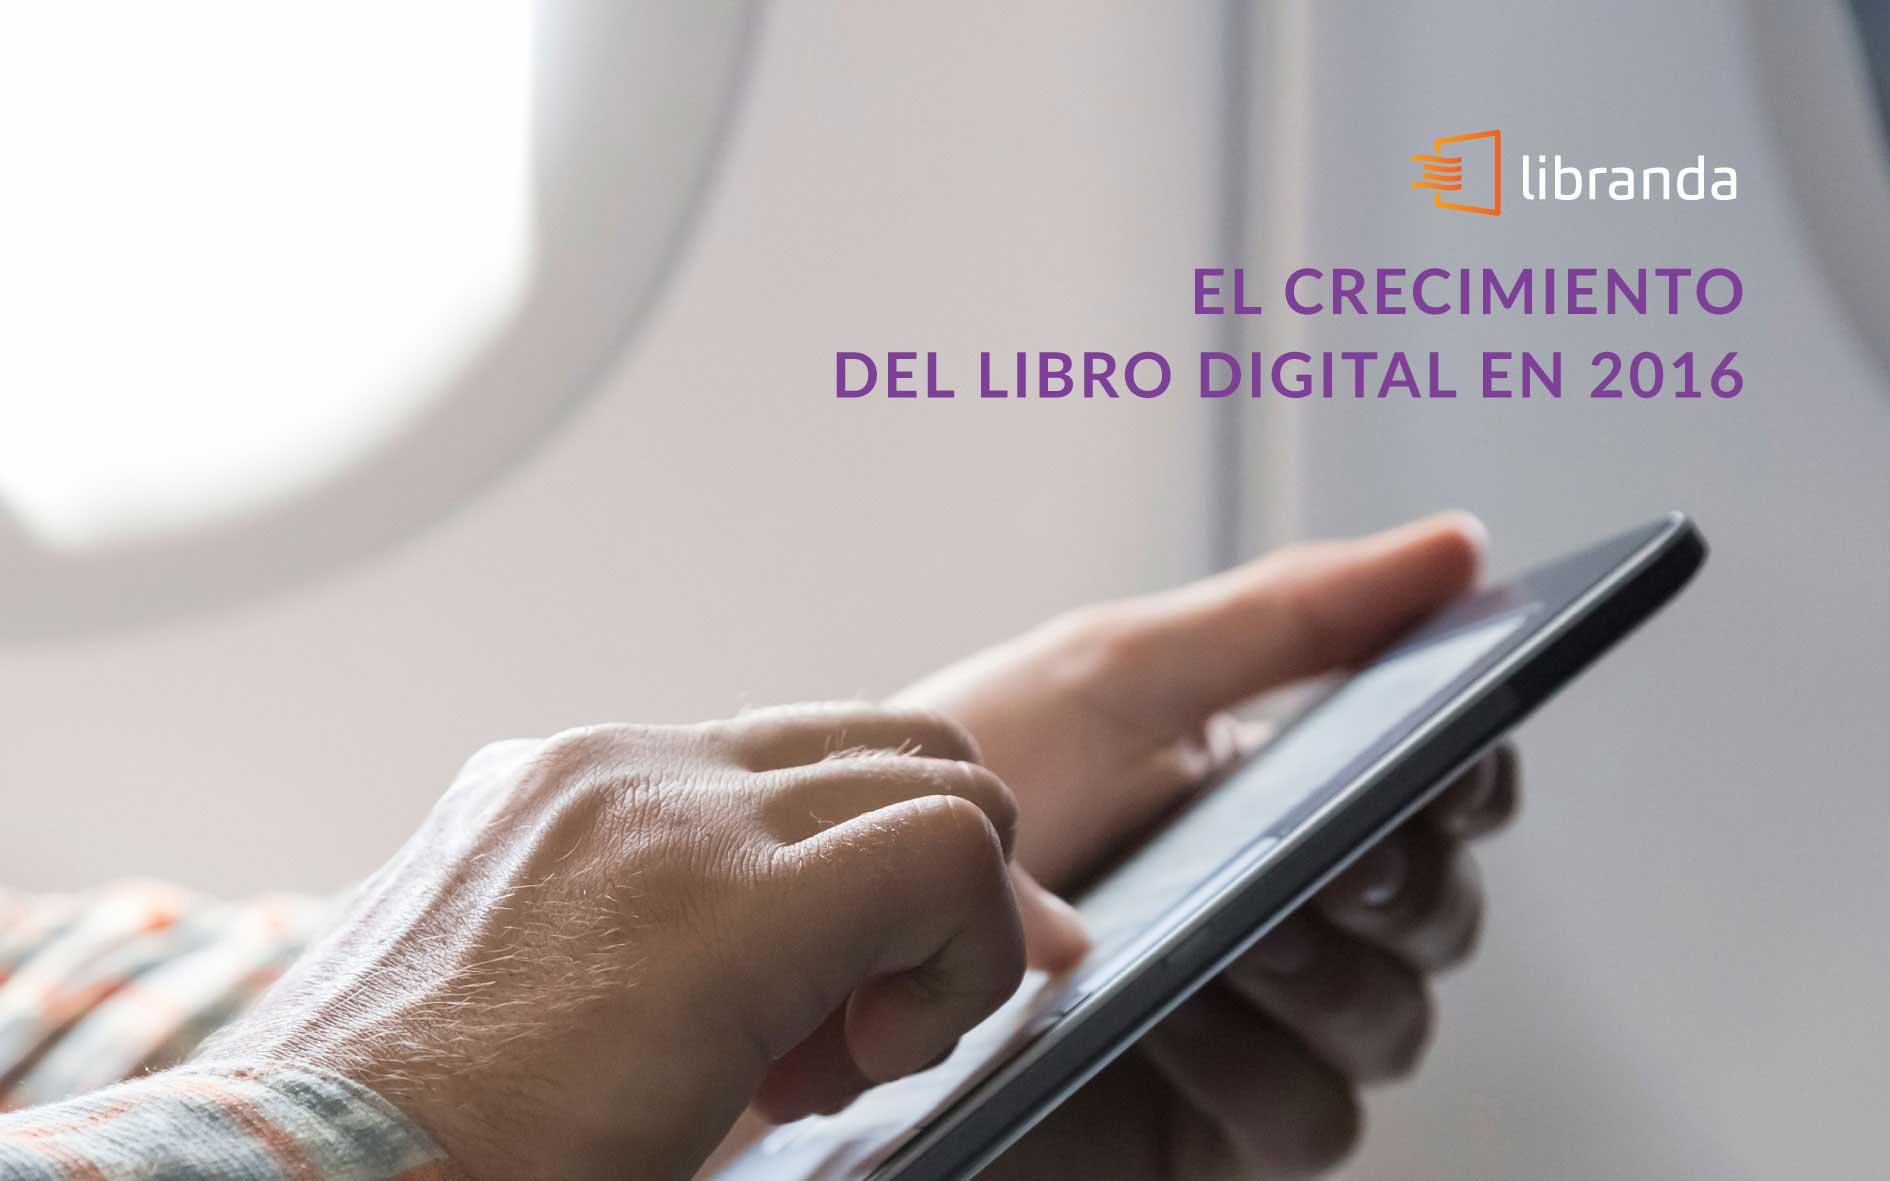 layout_libranda_presentacion_portada_ el crecimiento libro digital 2016_mes baixa